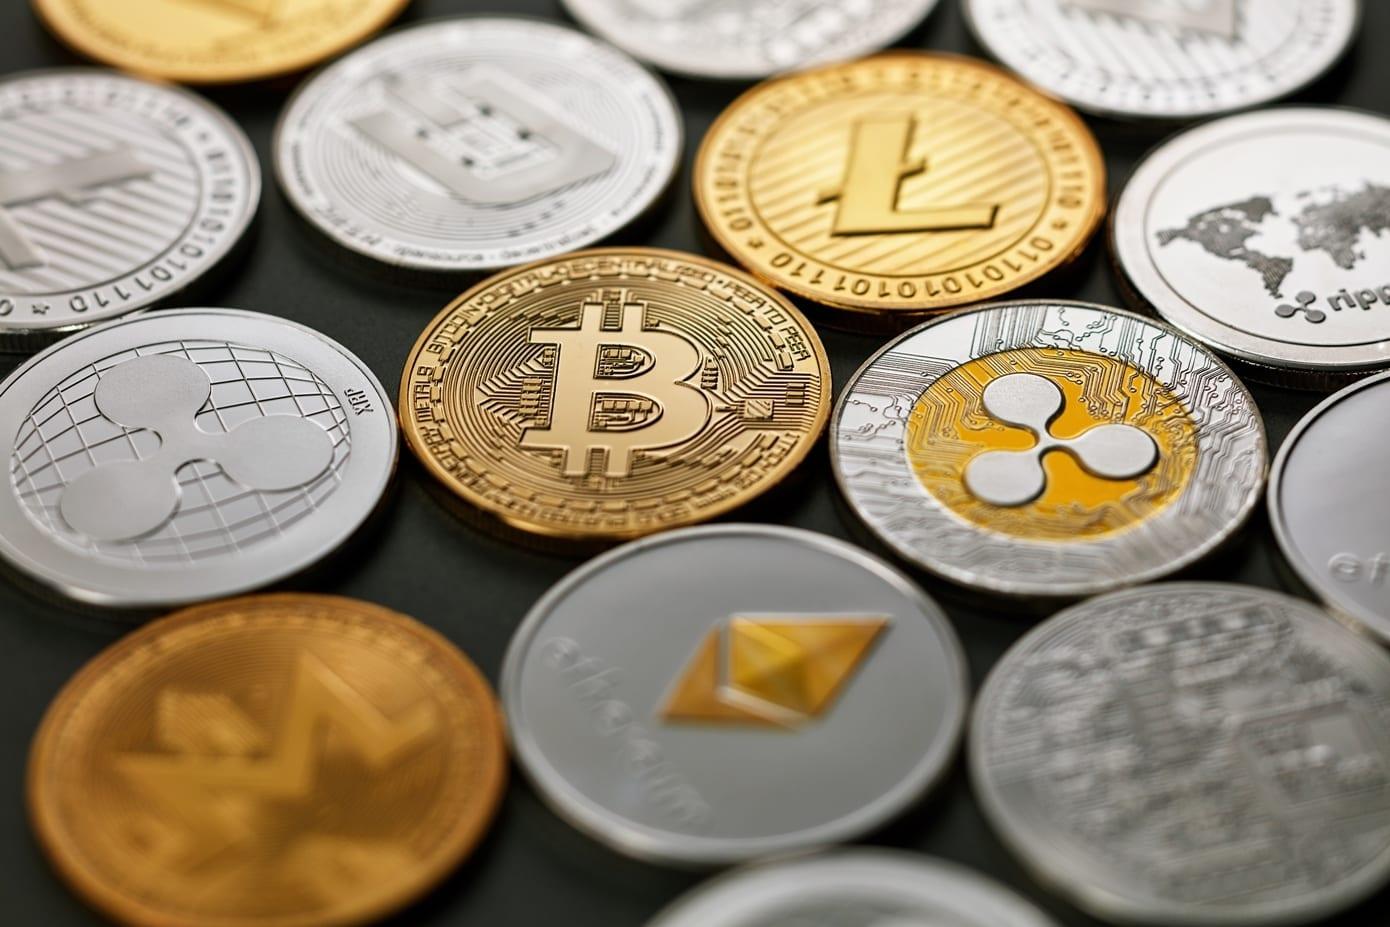 Le Bitcoin et le marché de la cryptomonnaie ont connu un rallye constant et remarquable depuis début novembre.